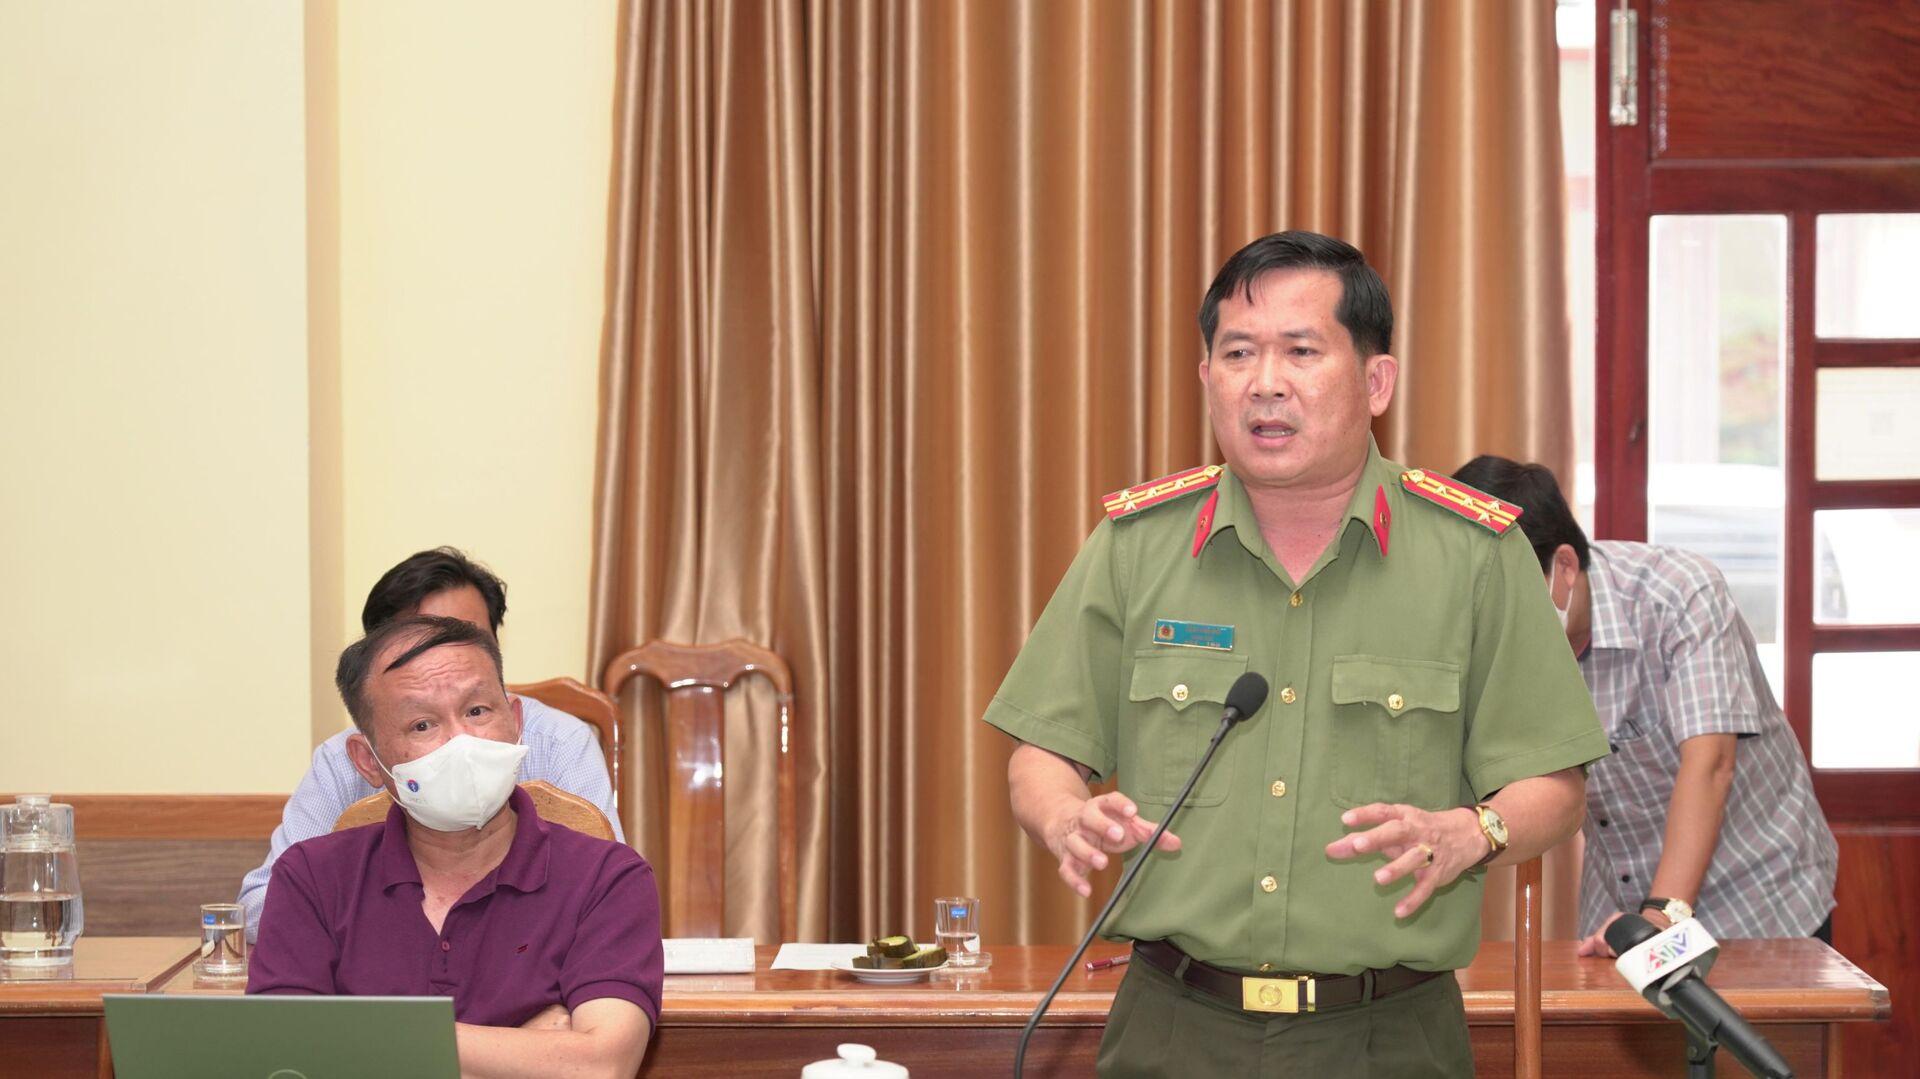 Đại tá Đinh Văn Nơi, Giám đốc Công an tỉnh An Giang phát biểu - Sputnik Việt Nam, 1920, 04.10.2021